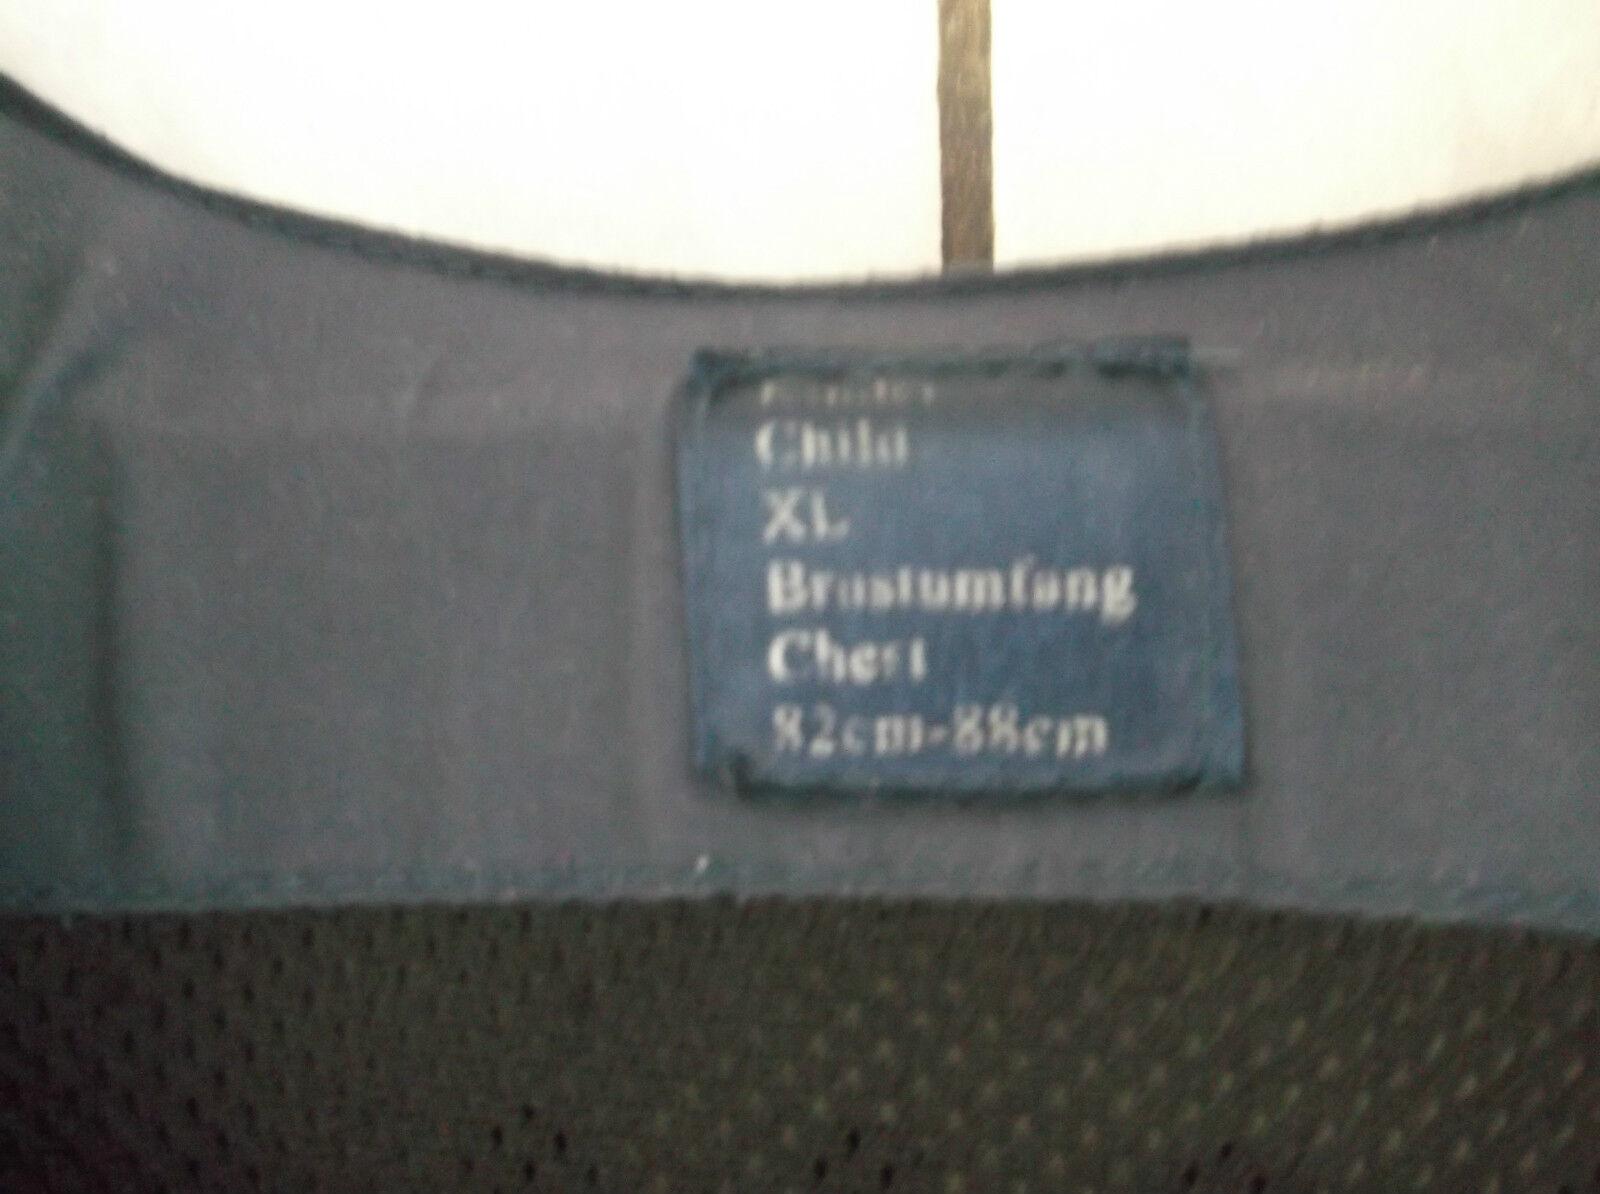 USG Reitweste Reitweste Reitweste Sicherheitsweste Groß S+Reithose Gr 148+Helm Gr 56 für Jungereiter 2bf606